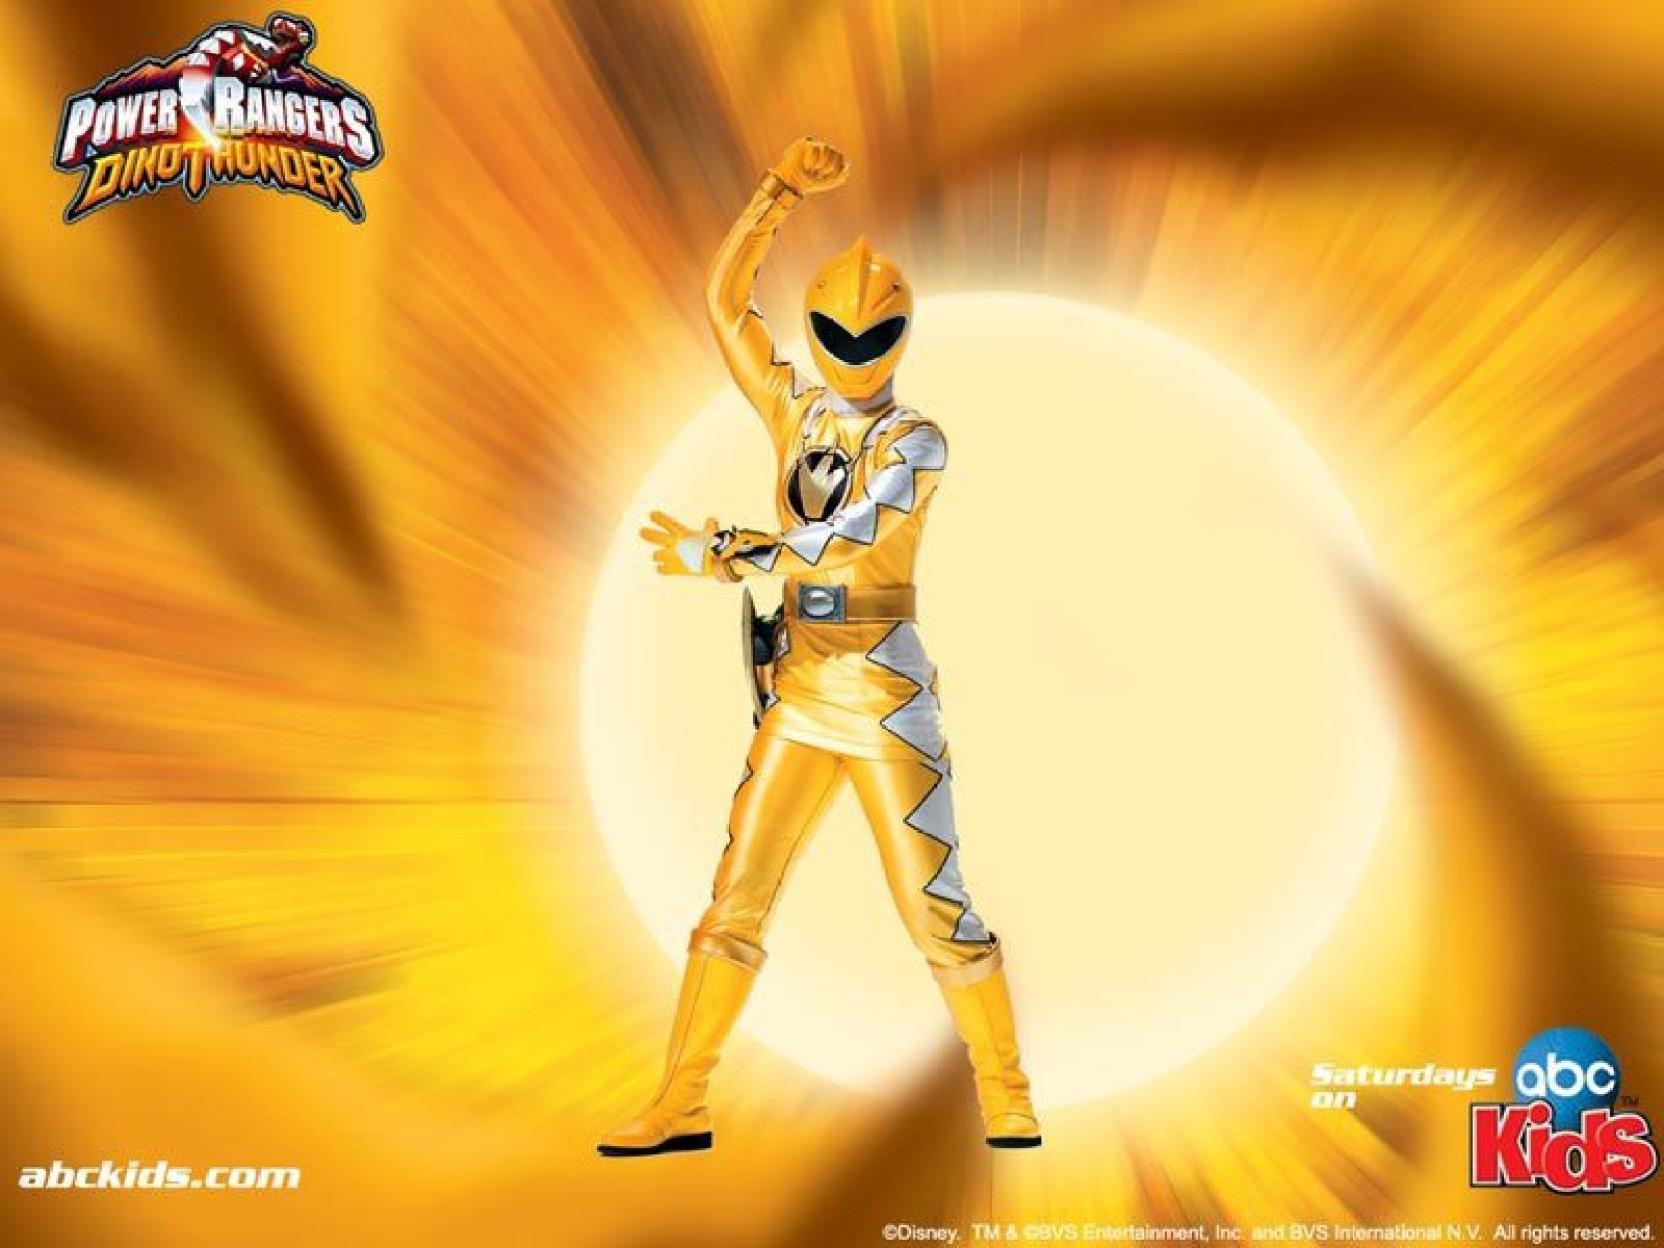 TV Show Power Rangers Power Rangers Dino Thunder Power Rangers Dino ...